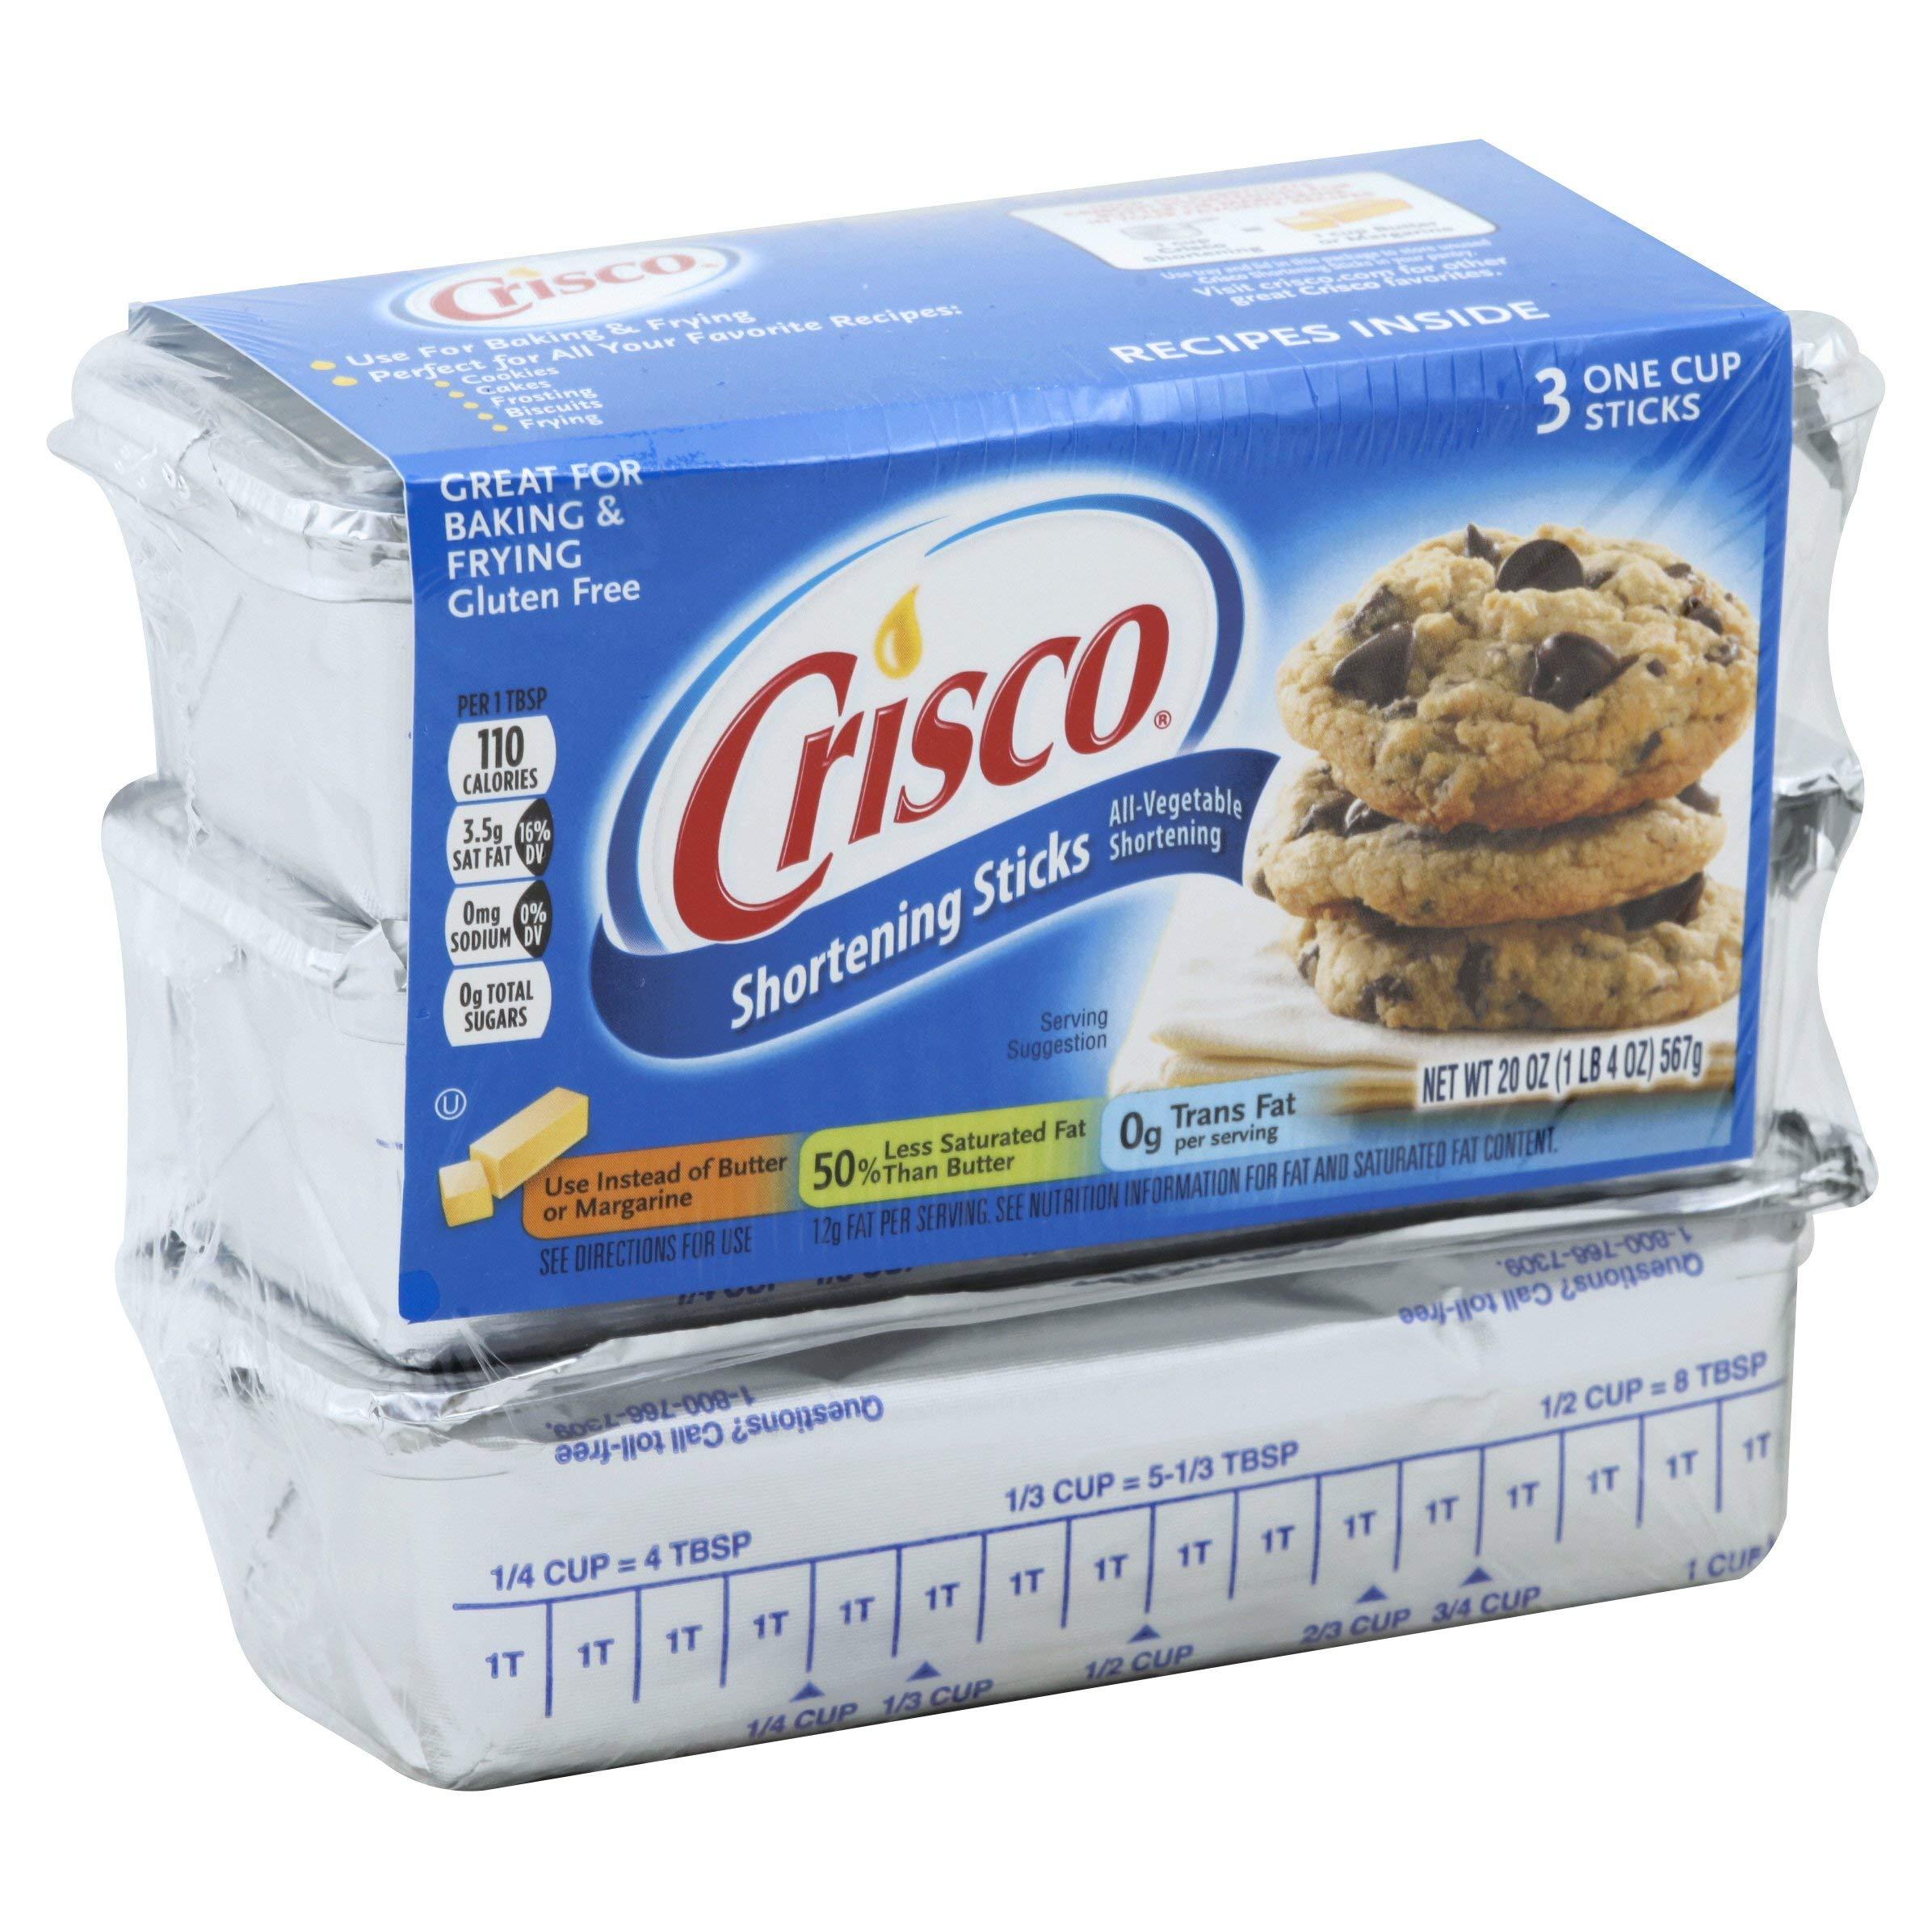 Crisco All-Vegetable Shortening Baking Sticks, 20 Ounces, 12 Count